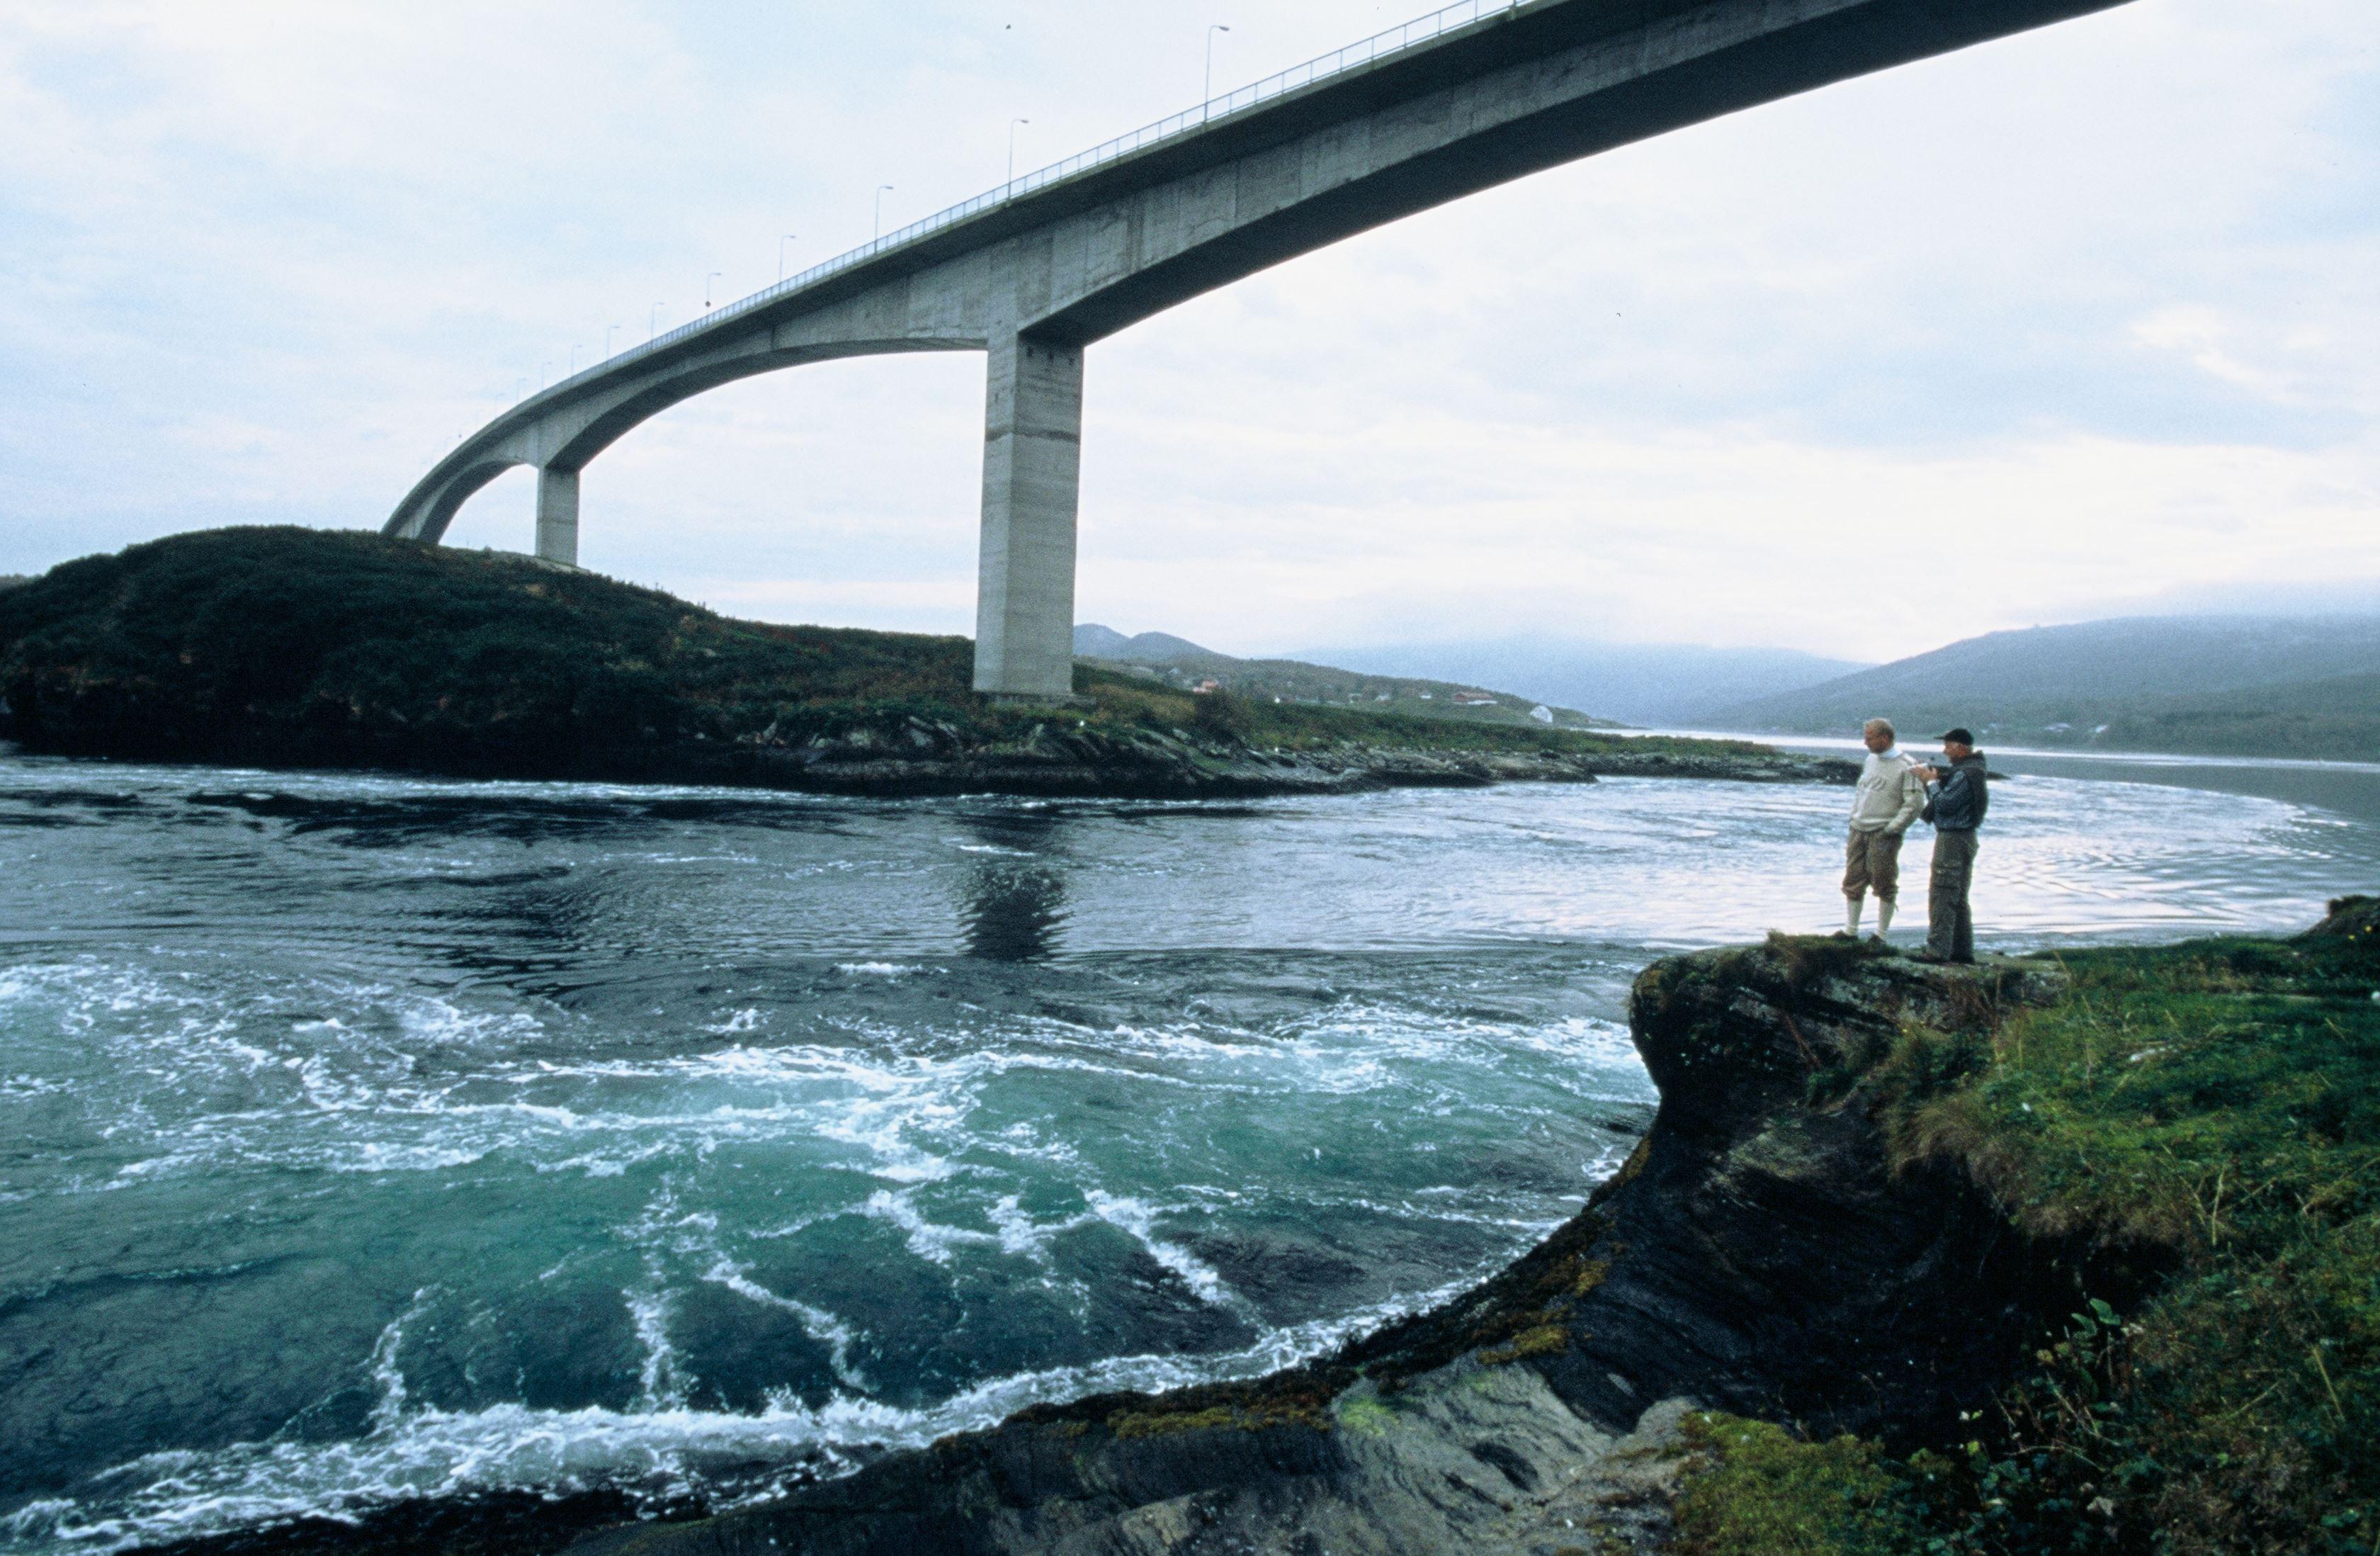 Opplevelsestur til Saltstraumen - verdens sterkeste tidevannstrøm